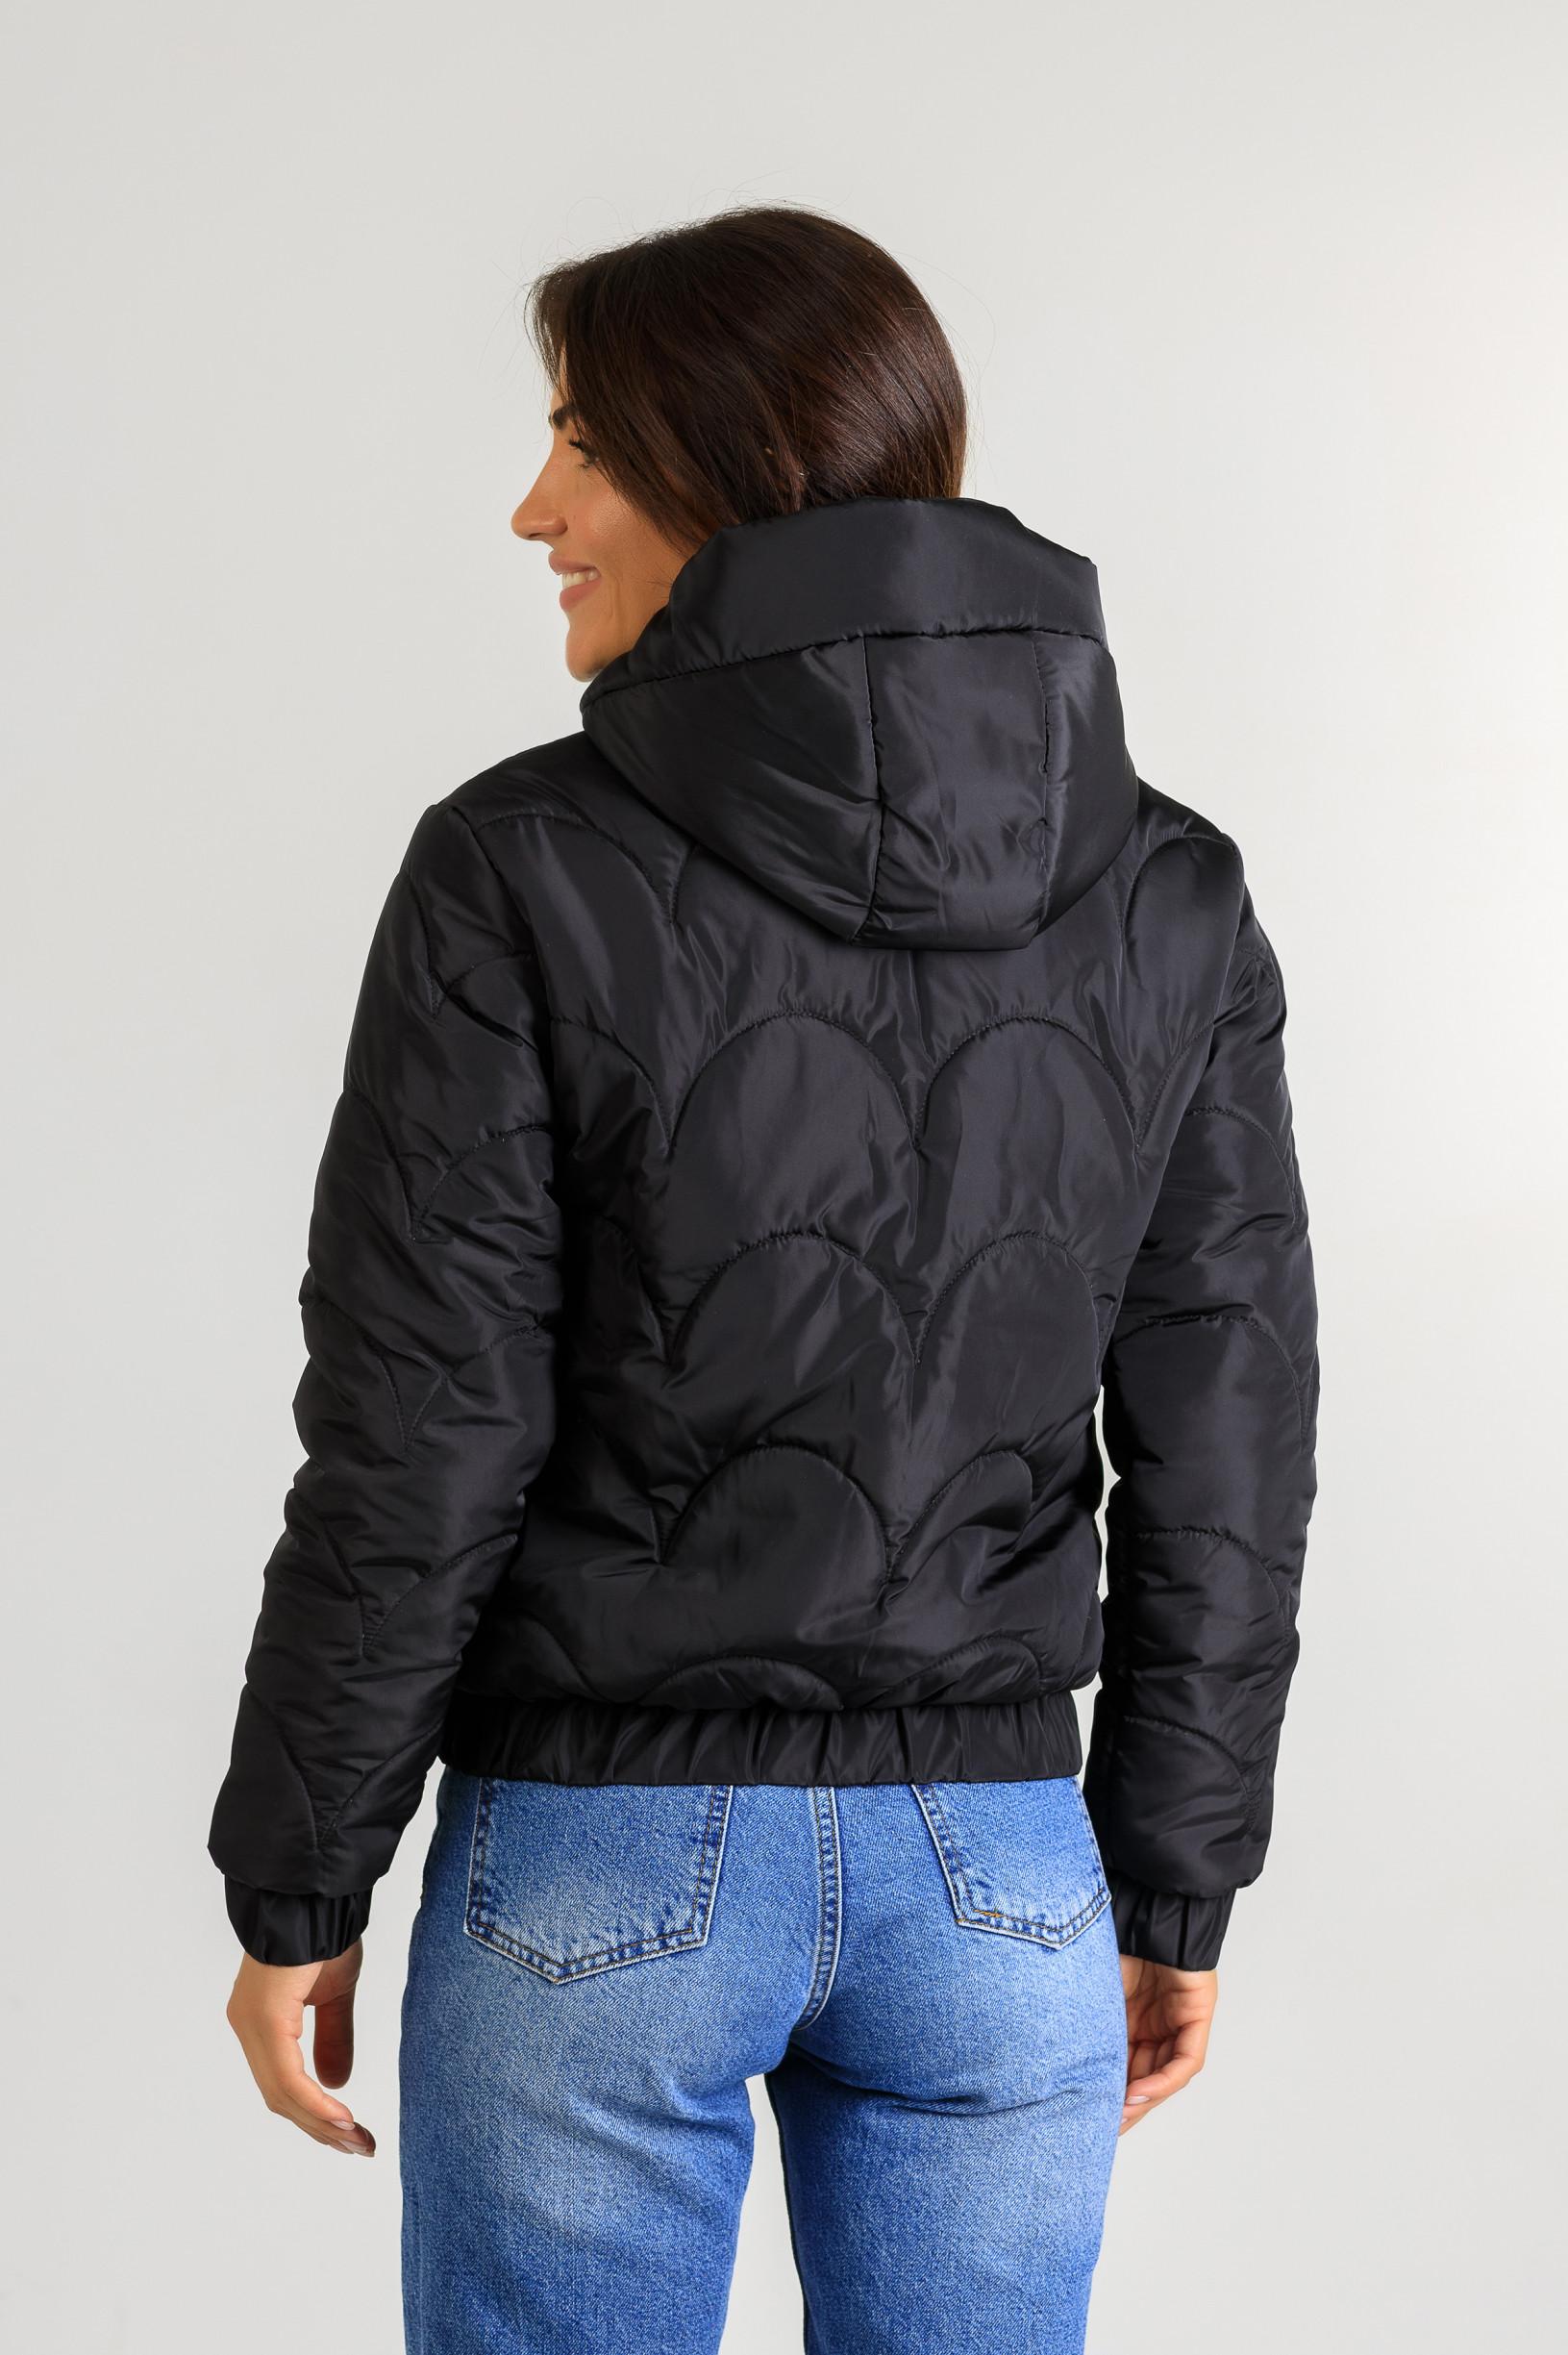 Демисезонная женская куртка Уля чёрного цвета